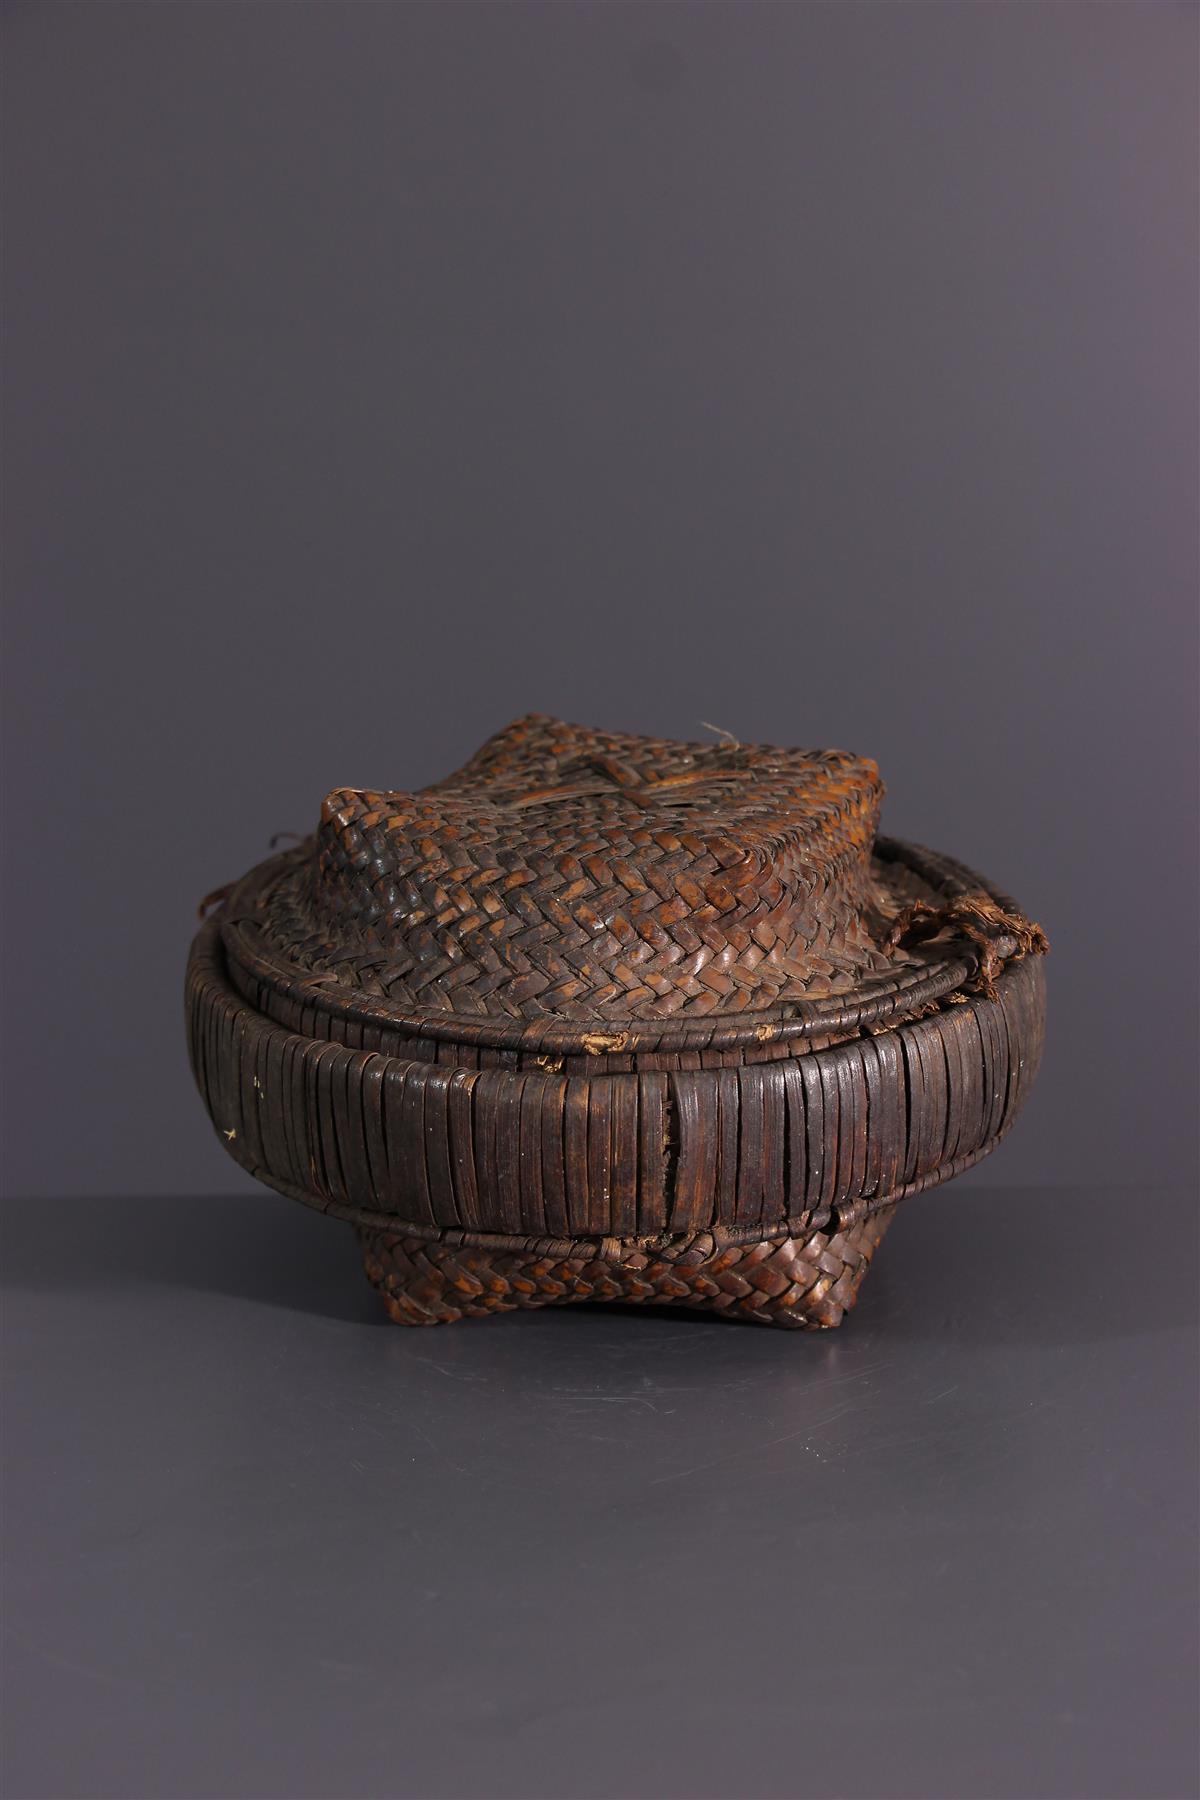 Kuba Basket - African art